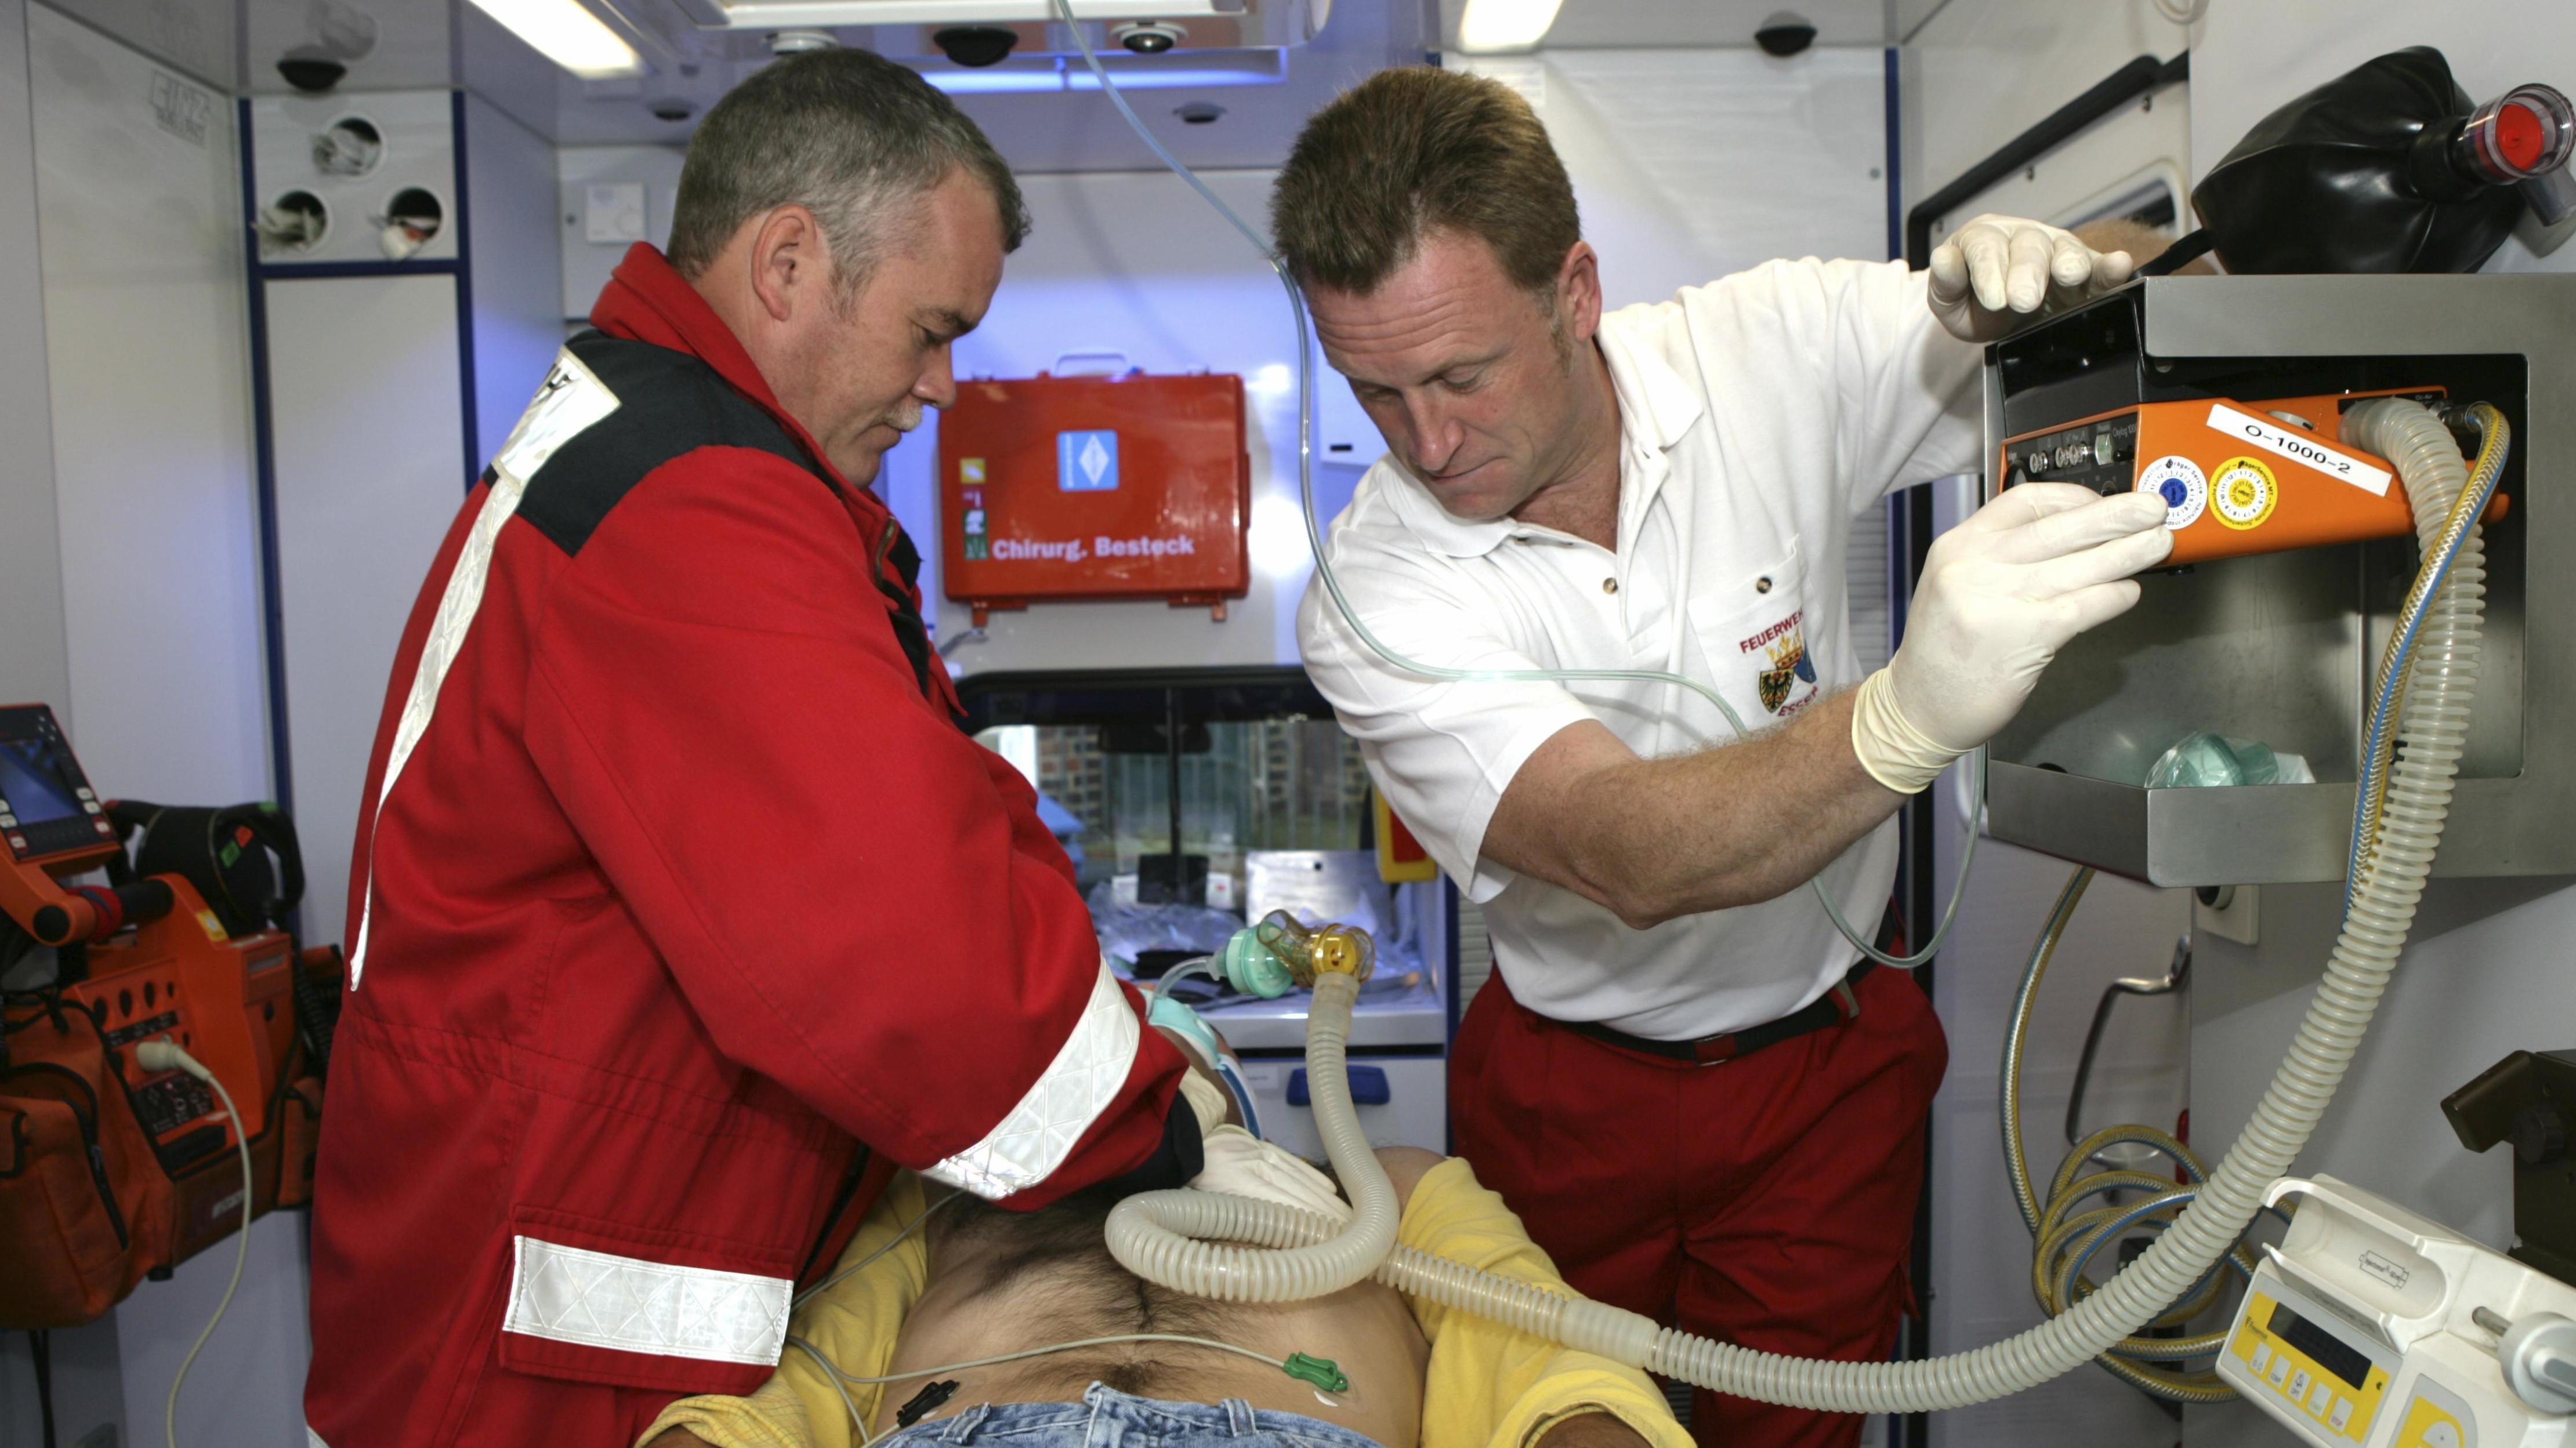 Versorgung eines Schlaganfall-Patienten im Krankenwagen